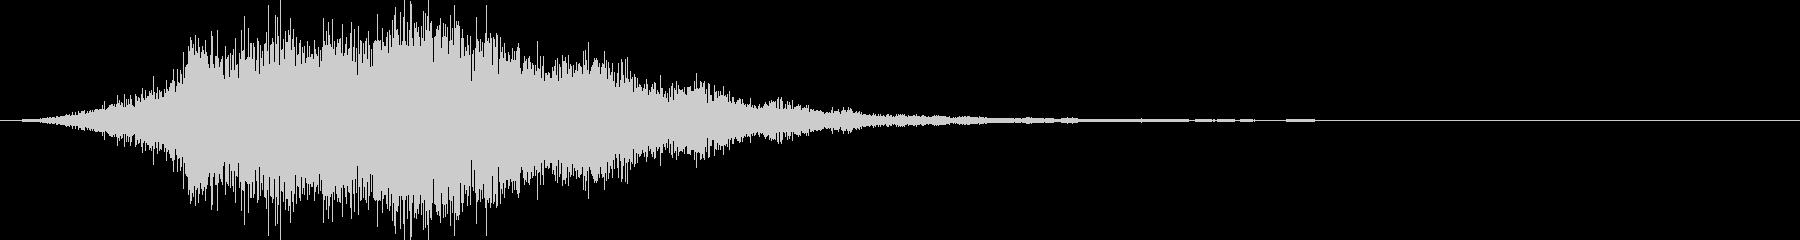 回復音レベルアップキュイン2の未再生の波形